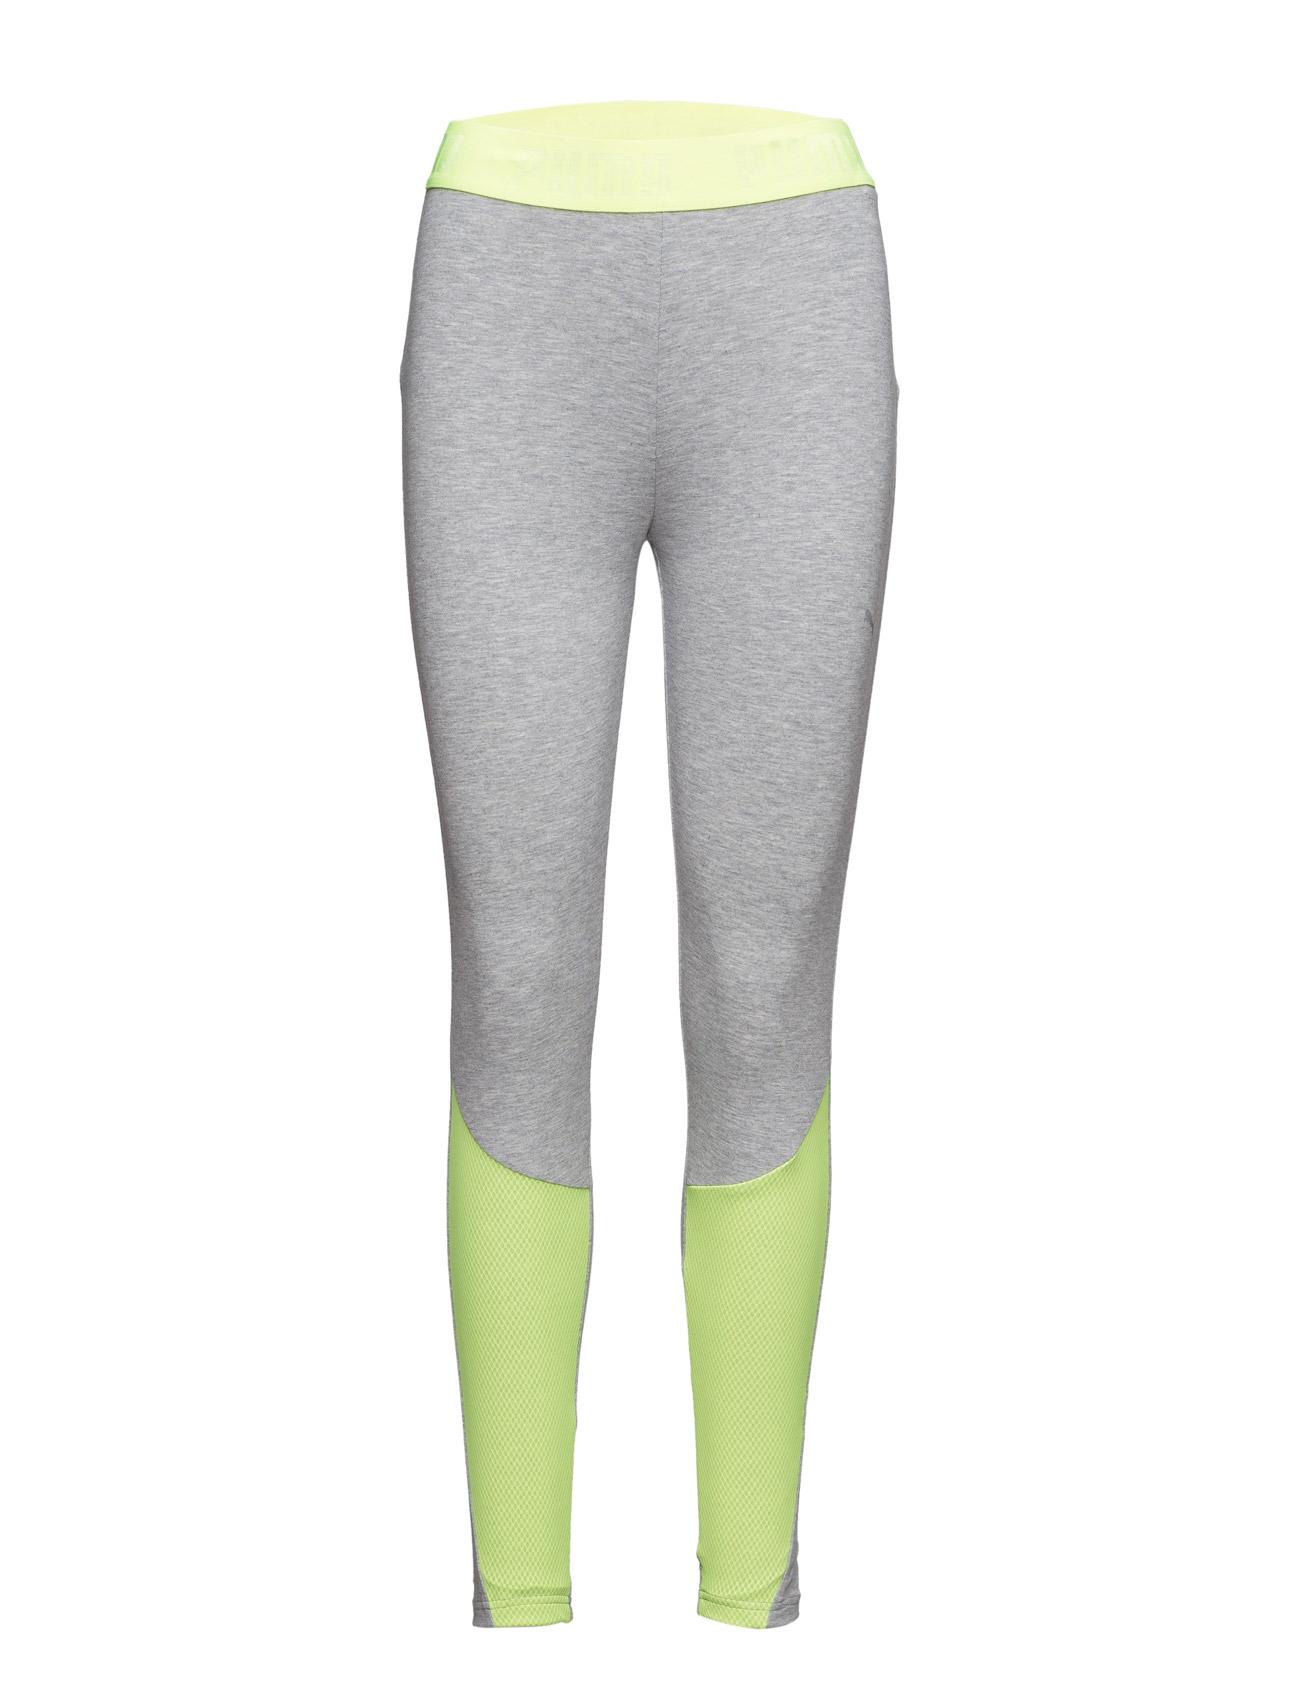 Transition Leggings W PUMA SPORT Trænings leggings til Damer i